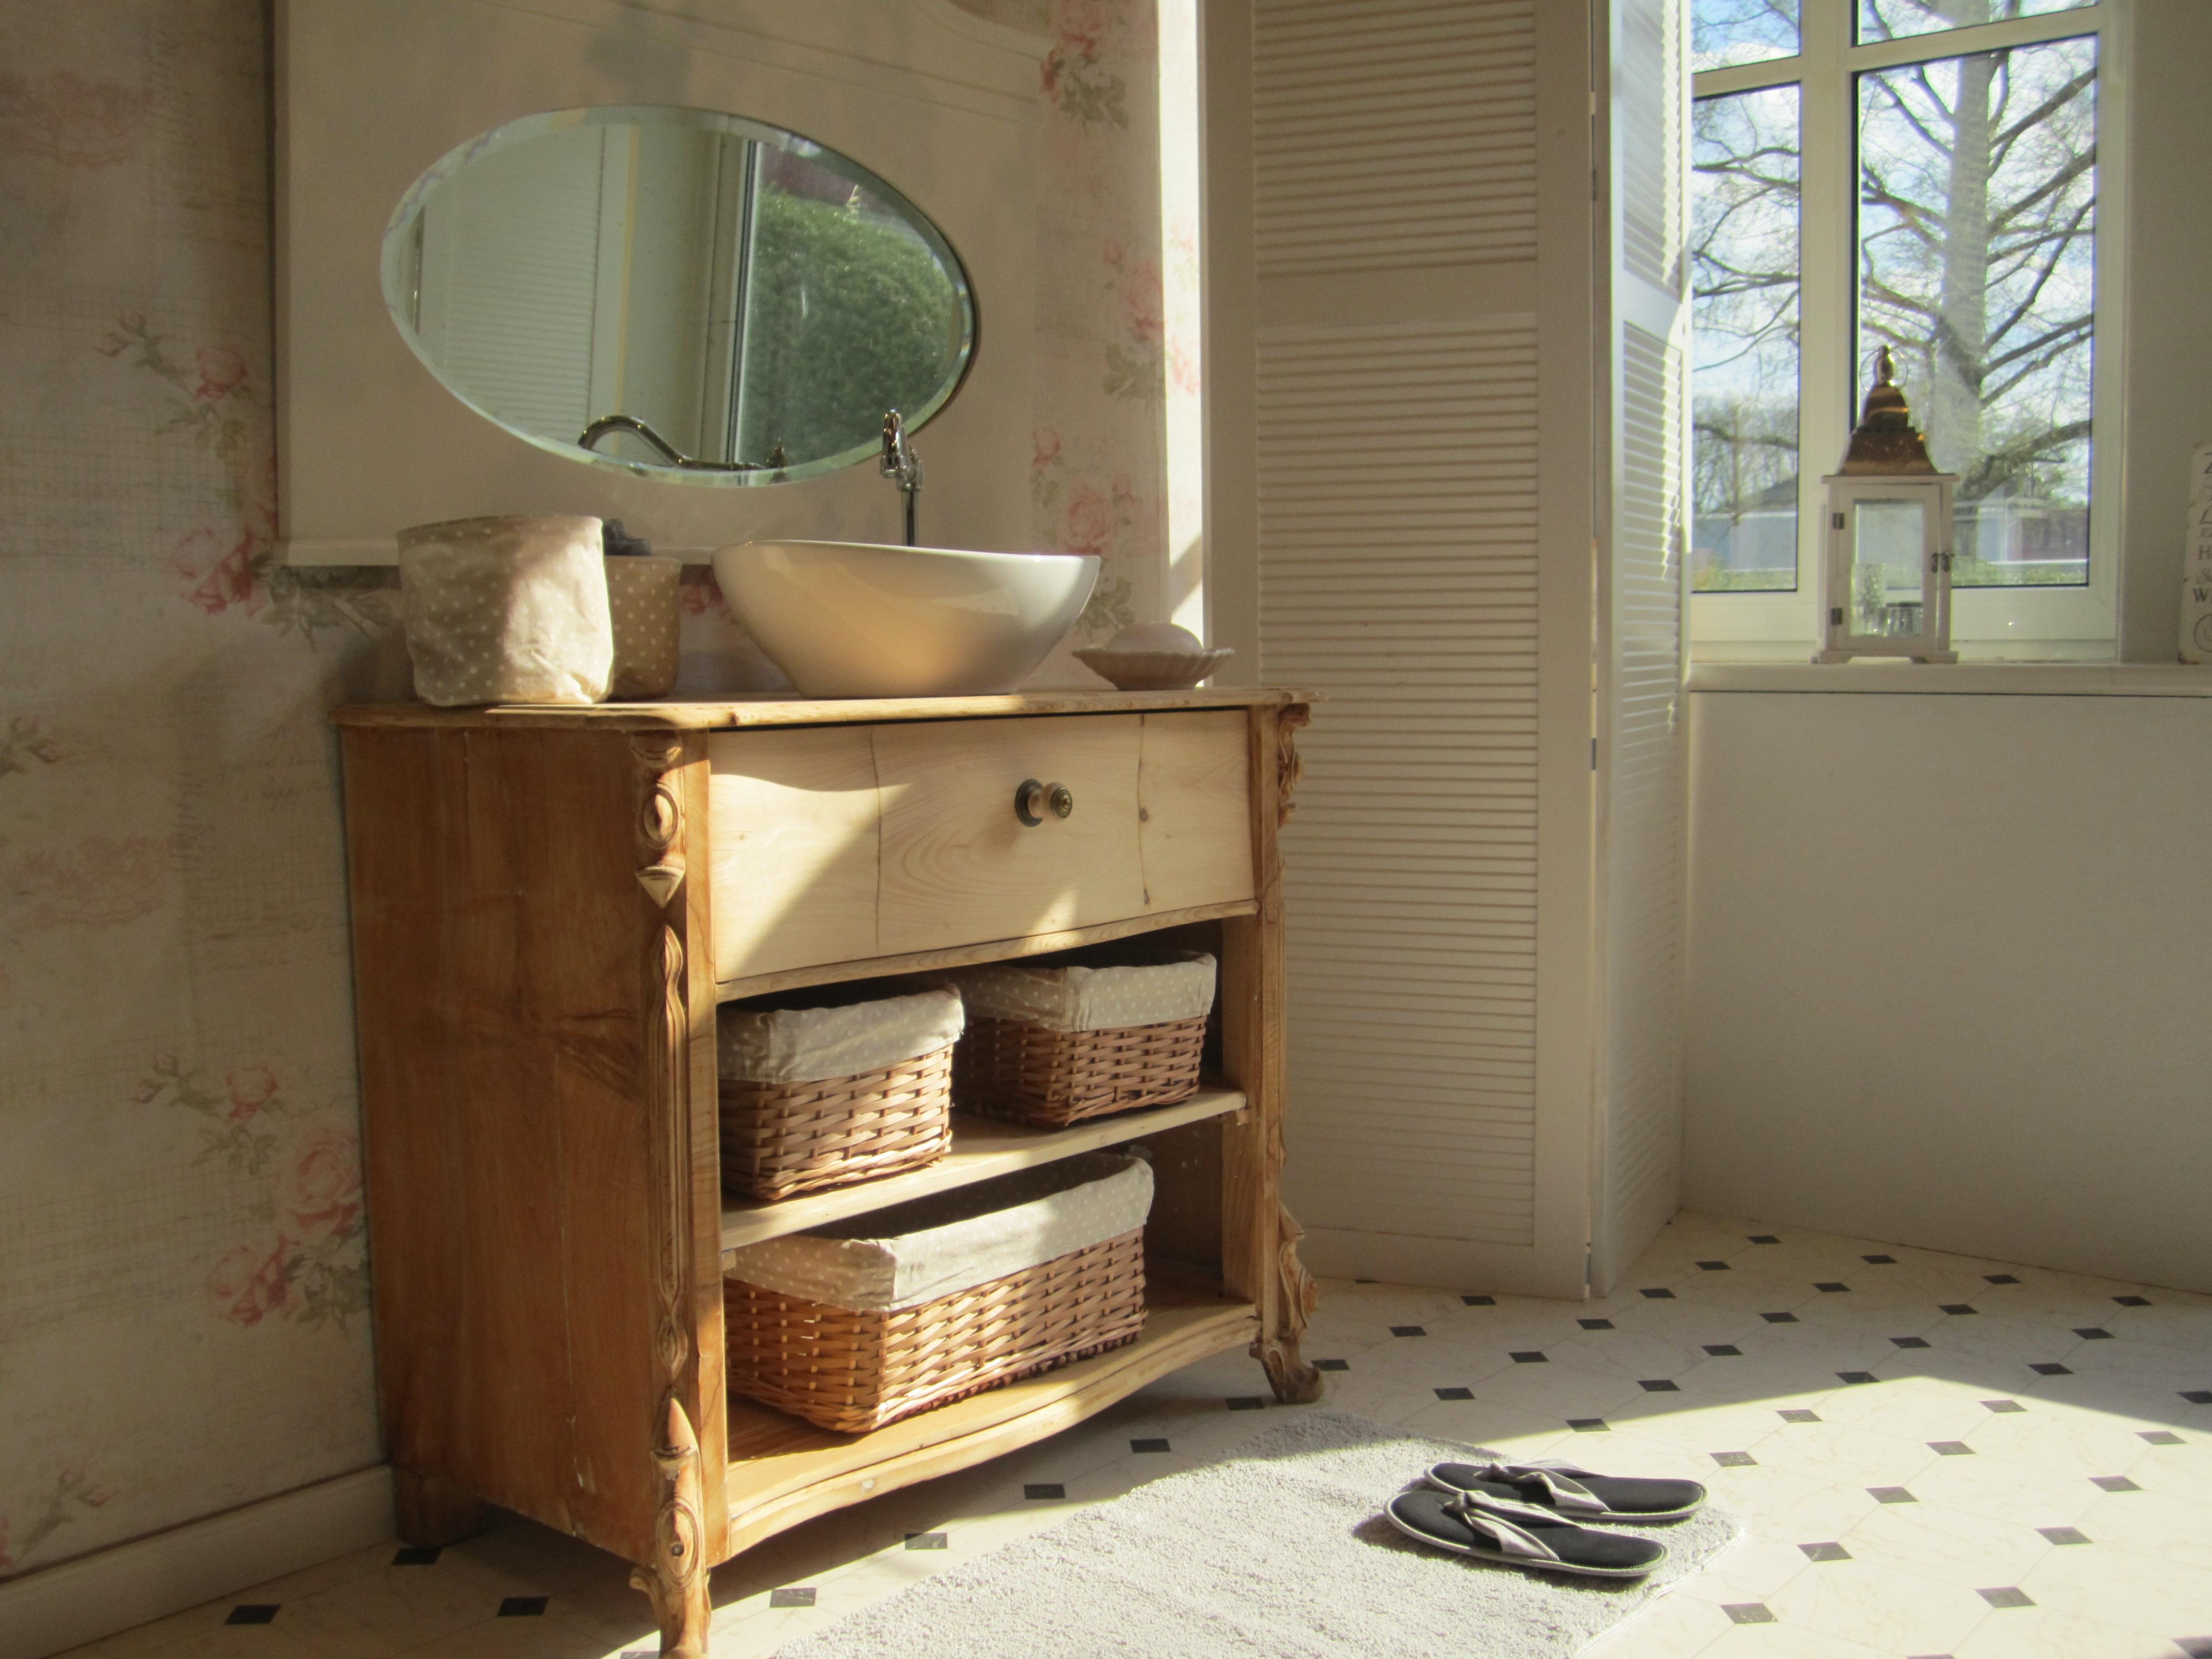 Alte Schatze Oder Wie Aus Einem Dachbodenfund Ein Waschtisch Wird